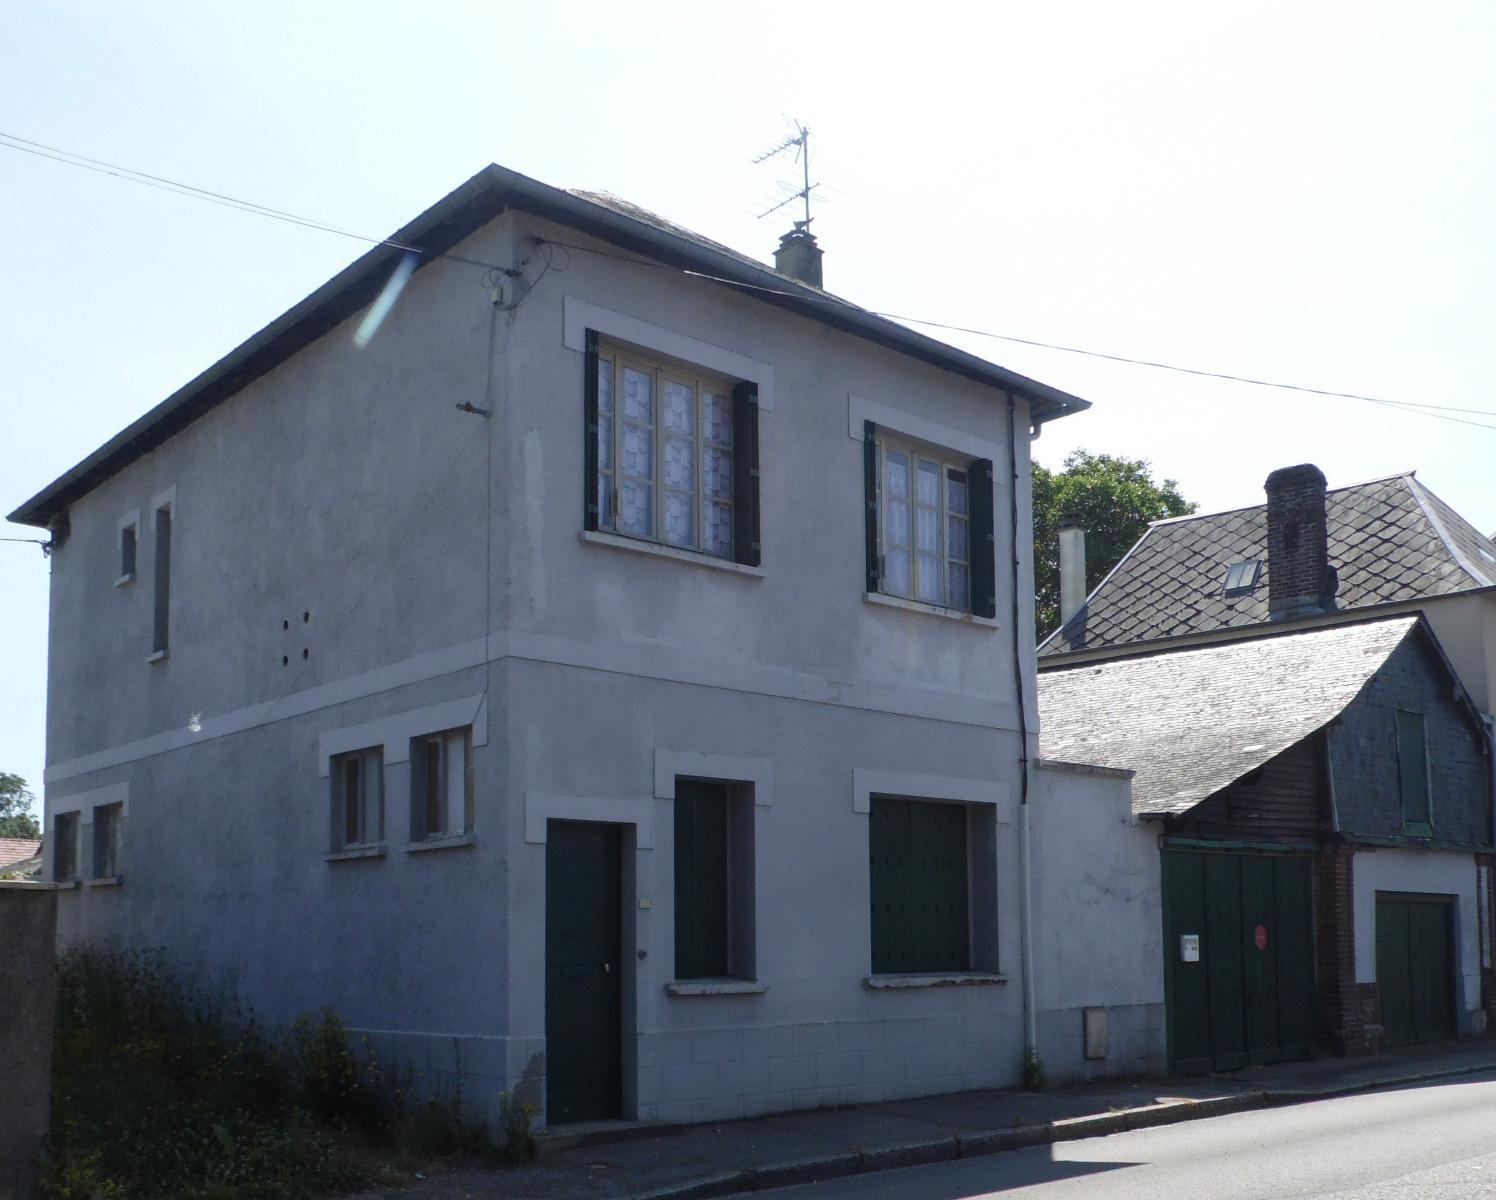 Vente maison appartement bourg achard 27310 sur le for Vente maison appartement